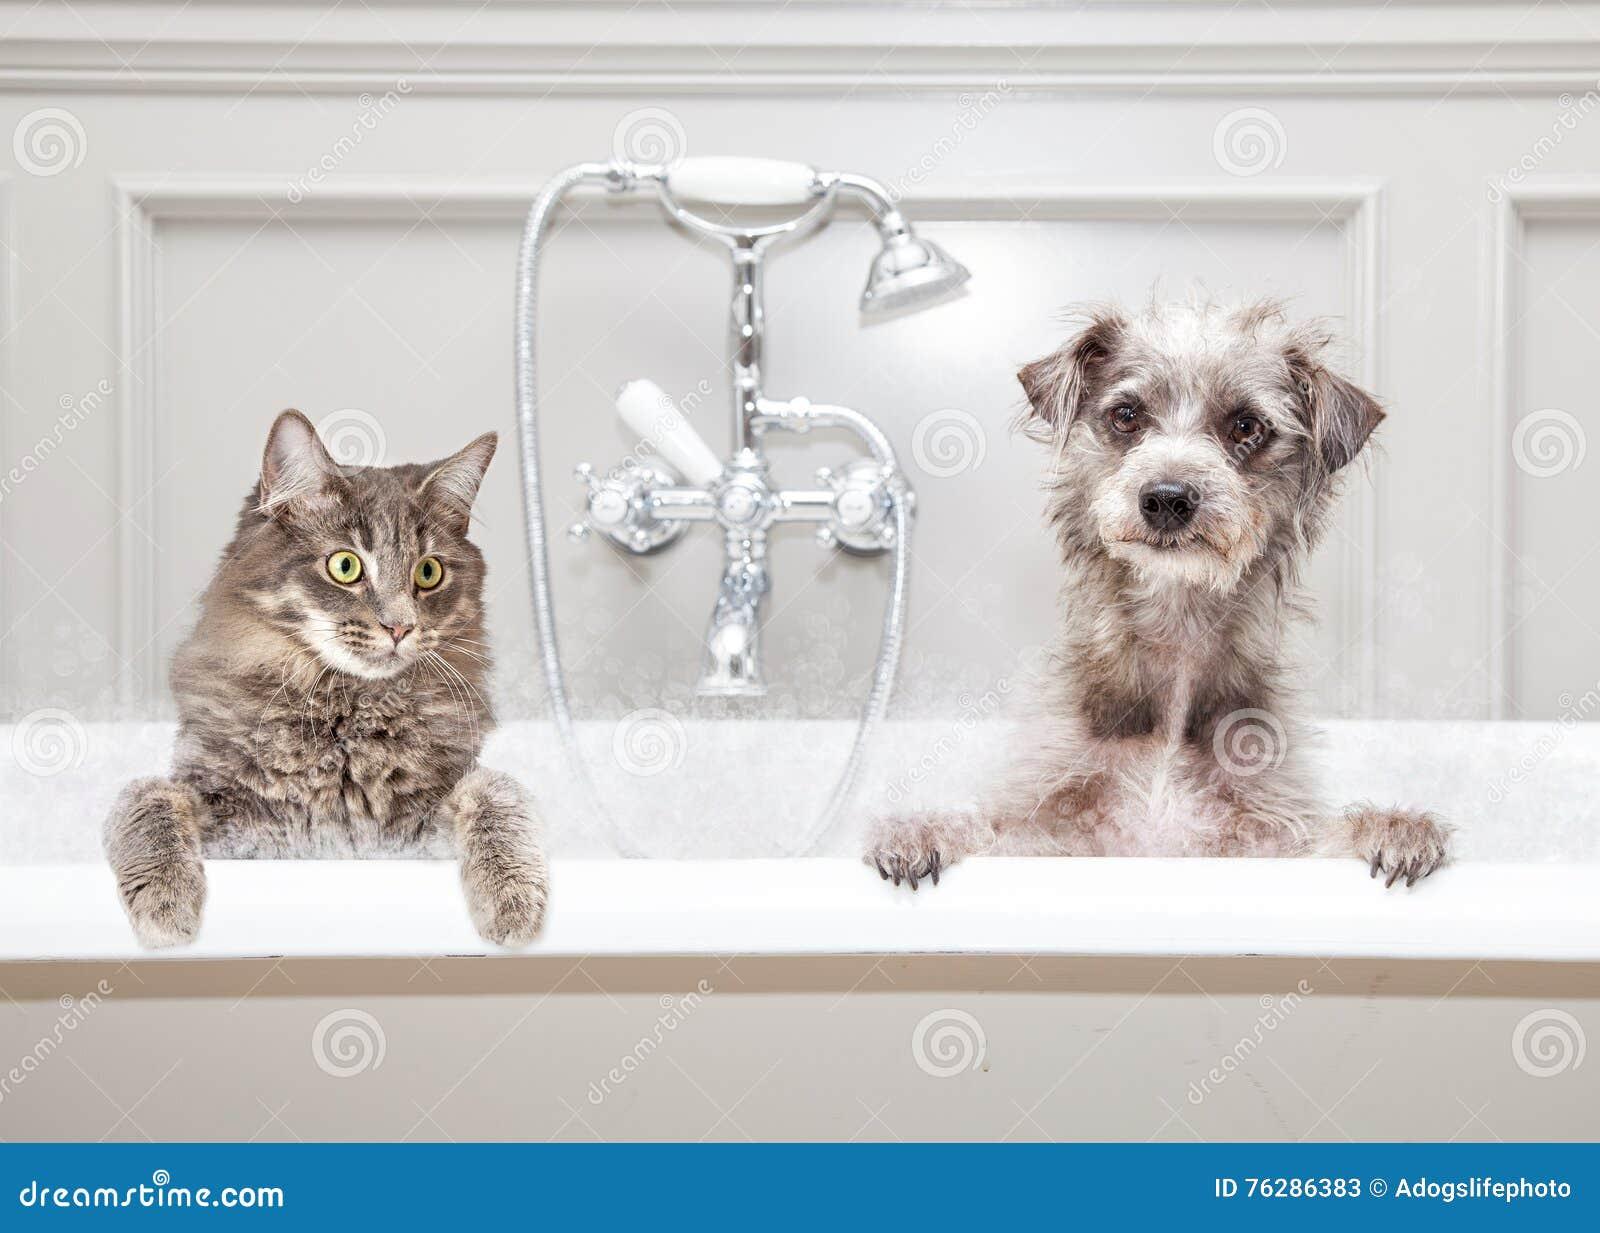 Hund Und Katze In Der Badewanne Zusammen Stockbild Bild Von Sauber